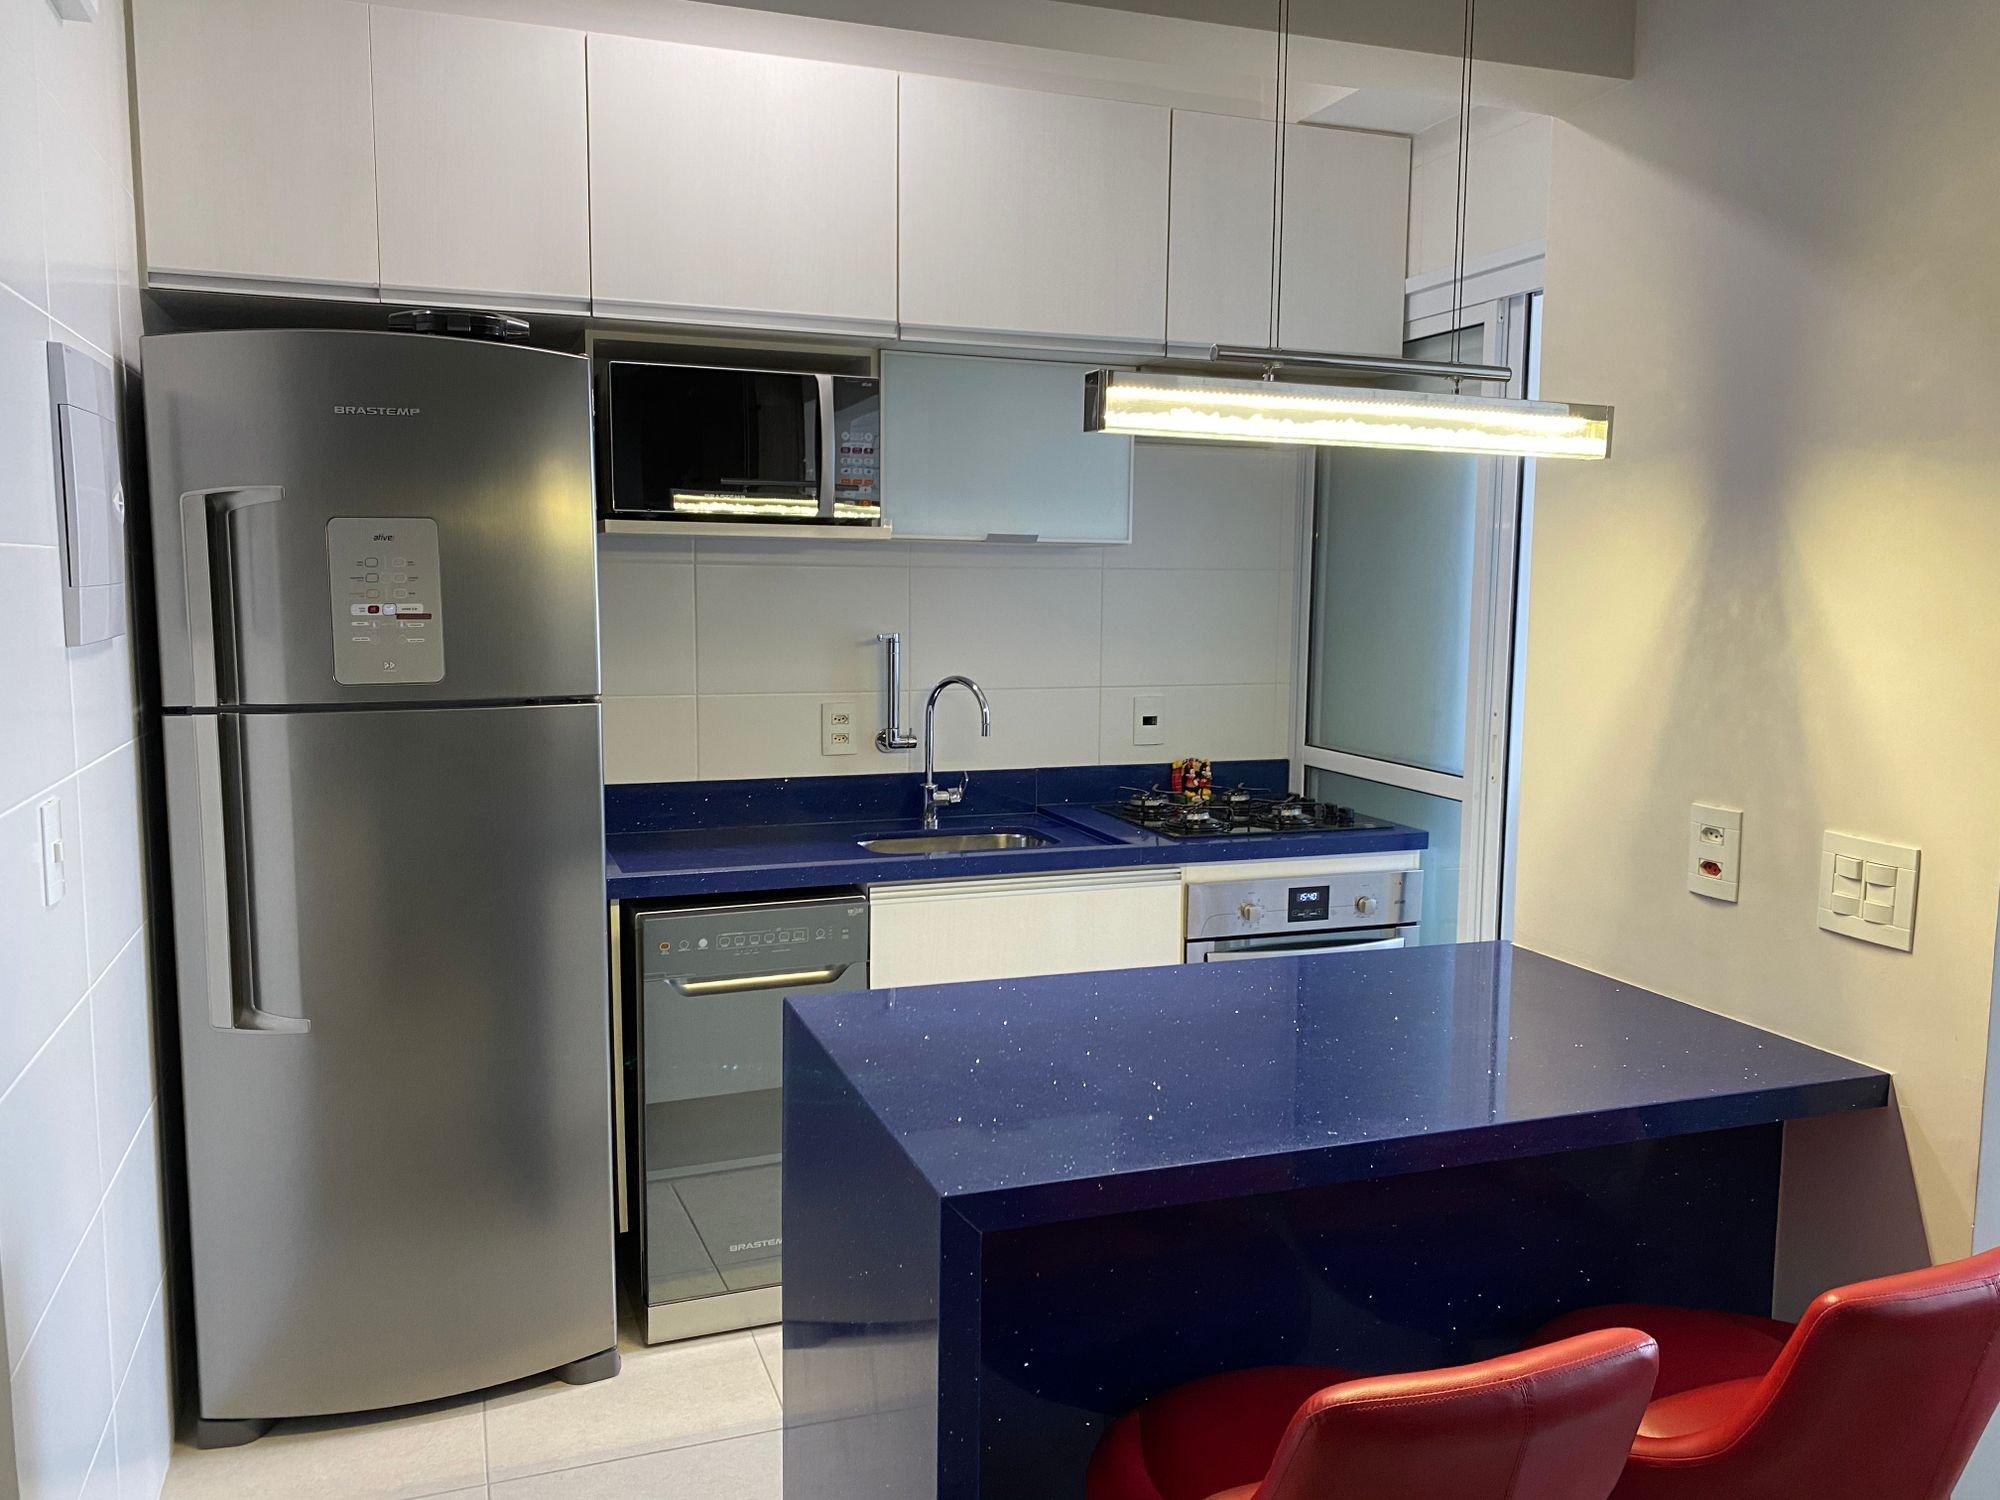 Foto de Cozinha com forno, geladeira, pia, cadeira, microondas, mesa de jantar